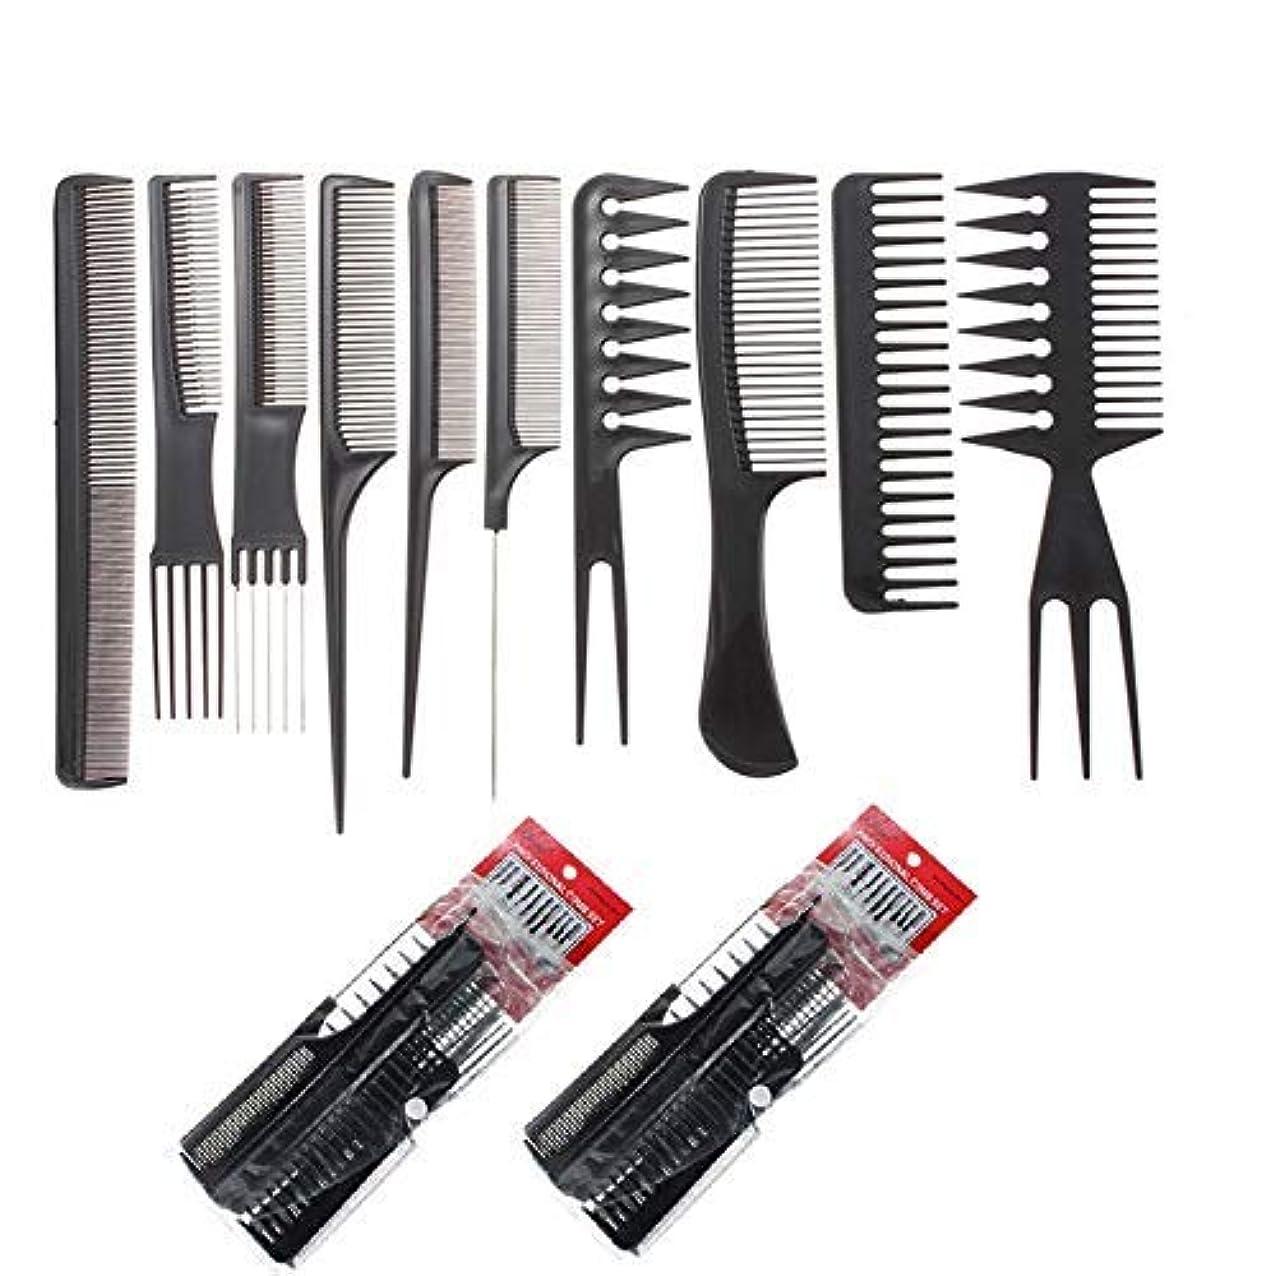 履歴書庭園大胆不敵SBYURE 20pcs Professional Styling Comb Set,10pcs/Set,2 Set Salon Hairdressing Combs Hair Care Styling Tools Hair Cutting Comb Sets Kit [並行輸入品]